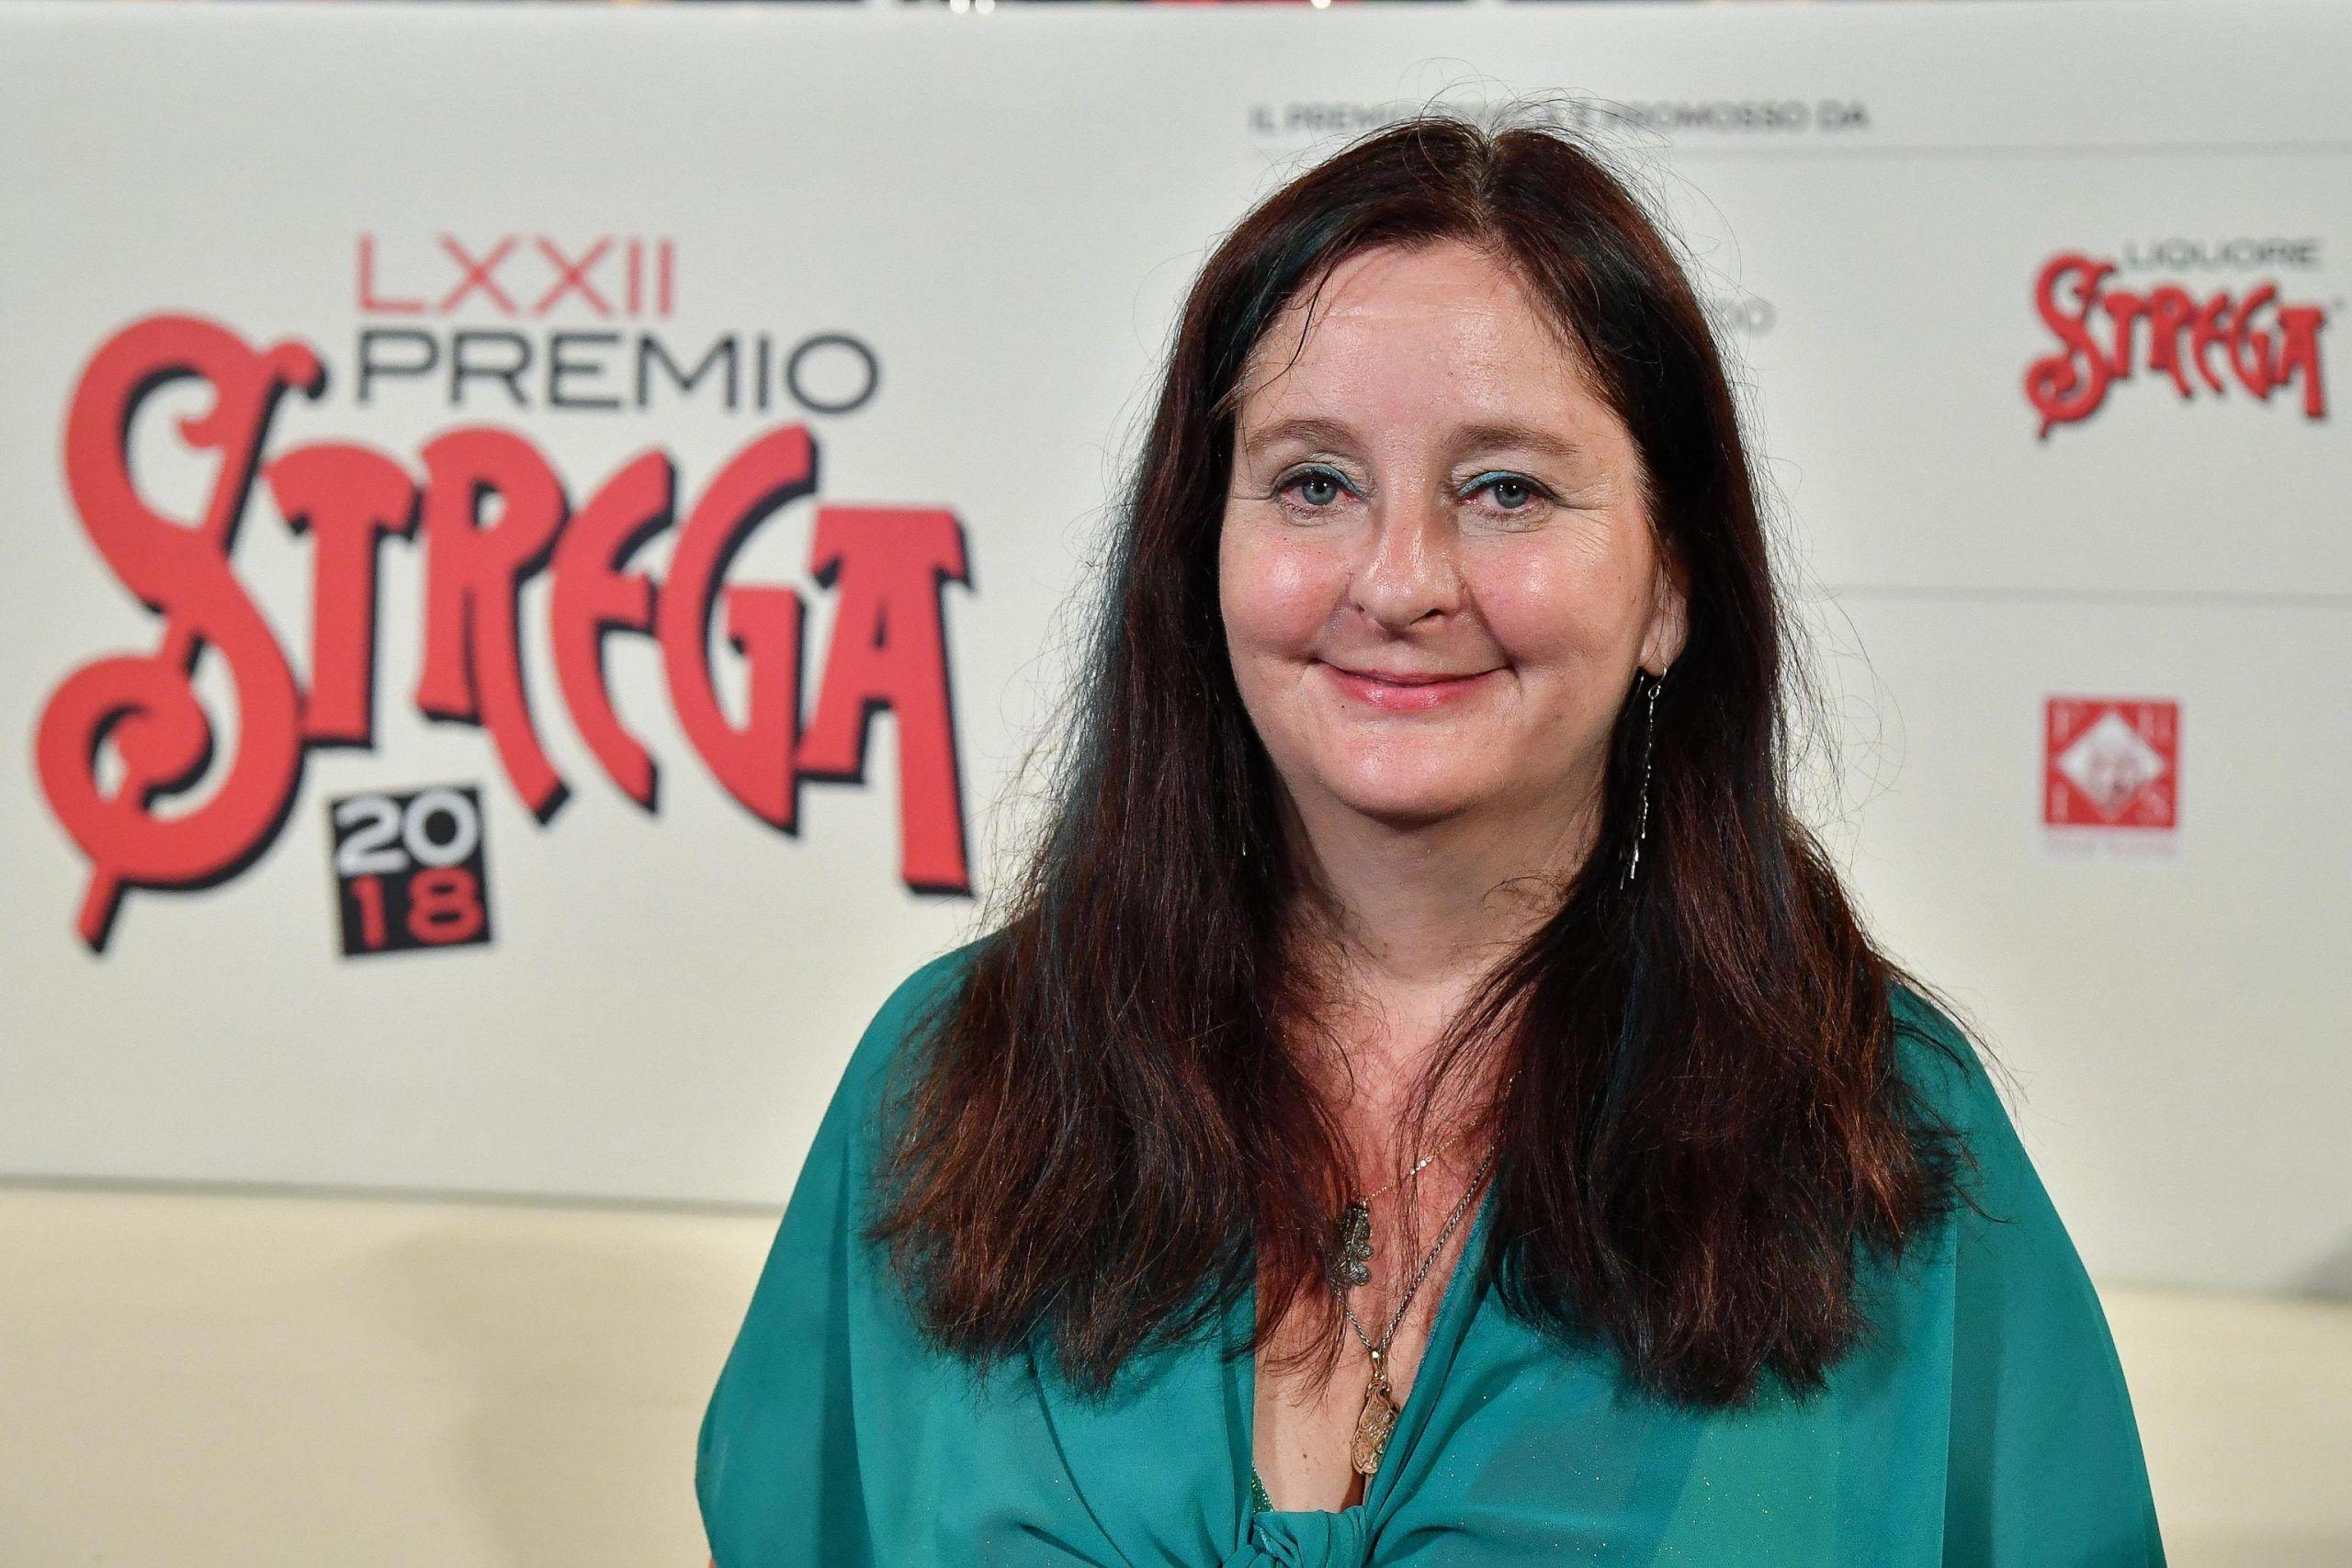 Helena Janeczek, i libri della vincitrice del Premio Strega 2018